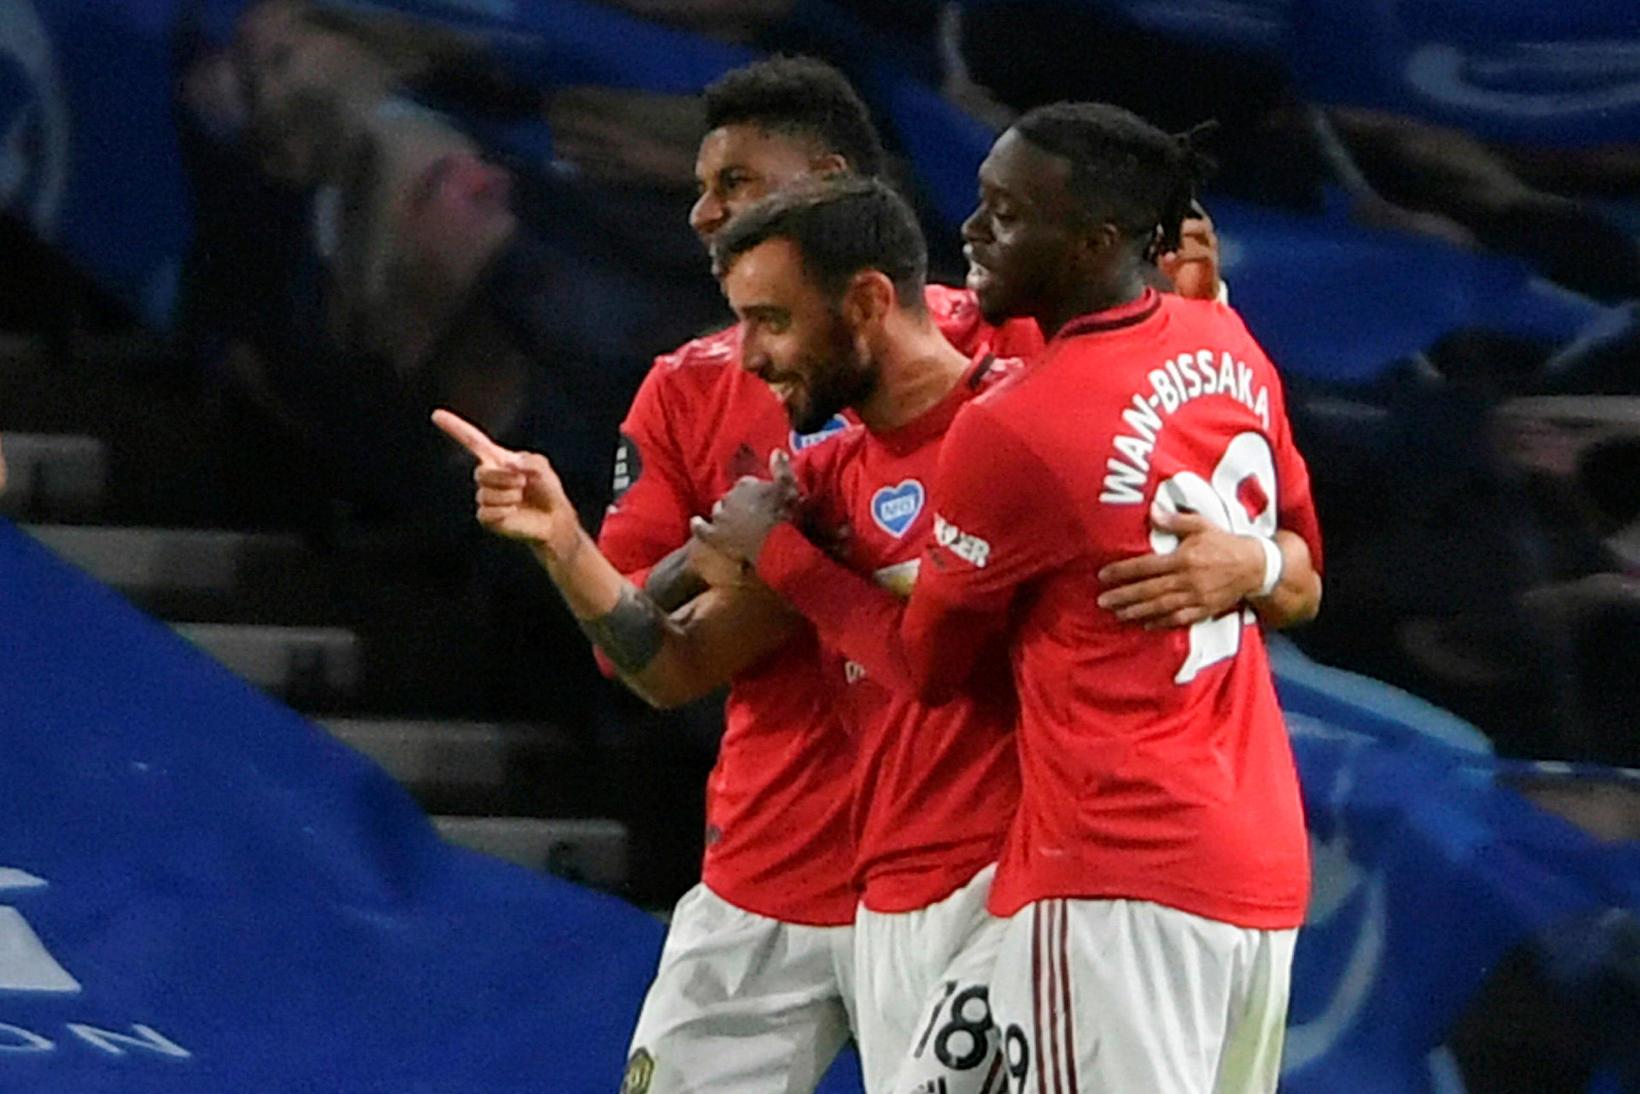 Bruno Fernandes skoraði tvívegis fyrir United gegn Brighton á þriðjudaginn …